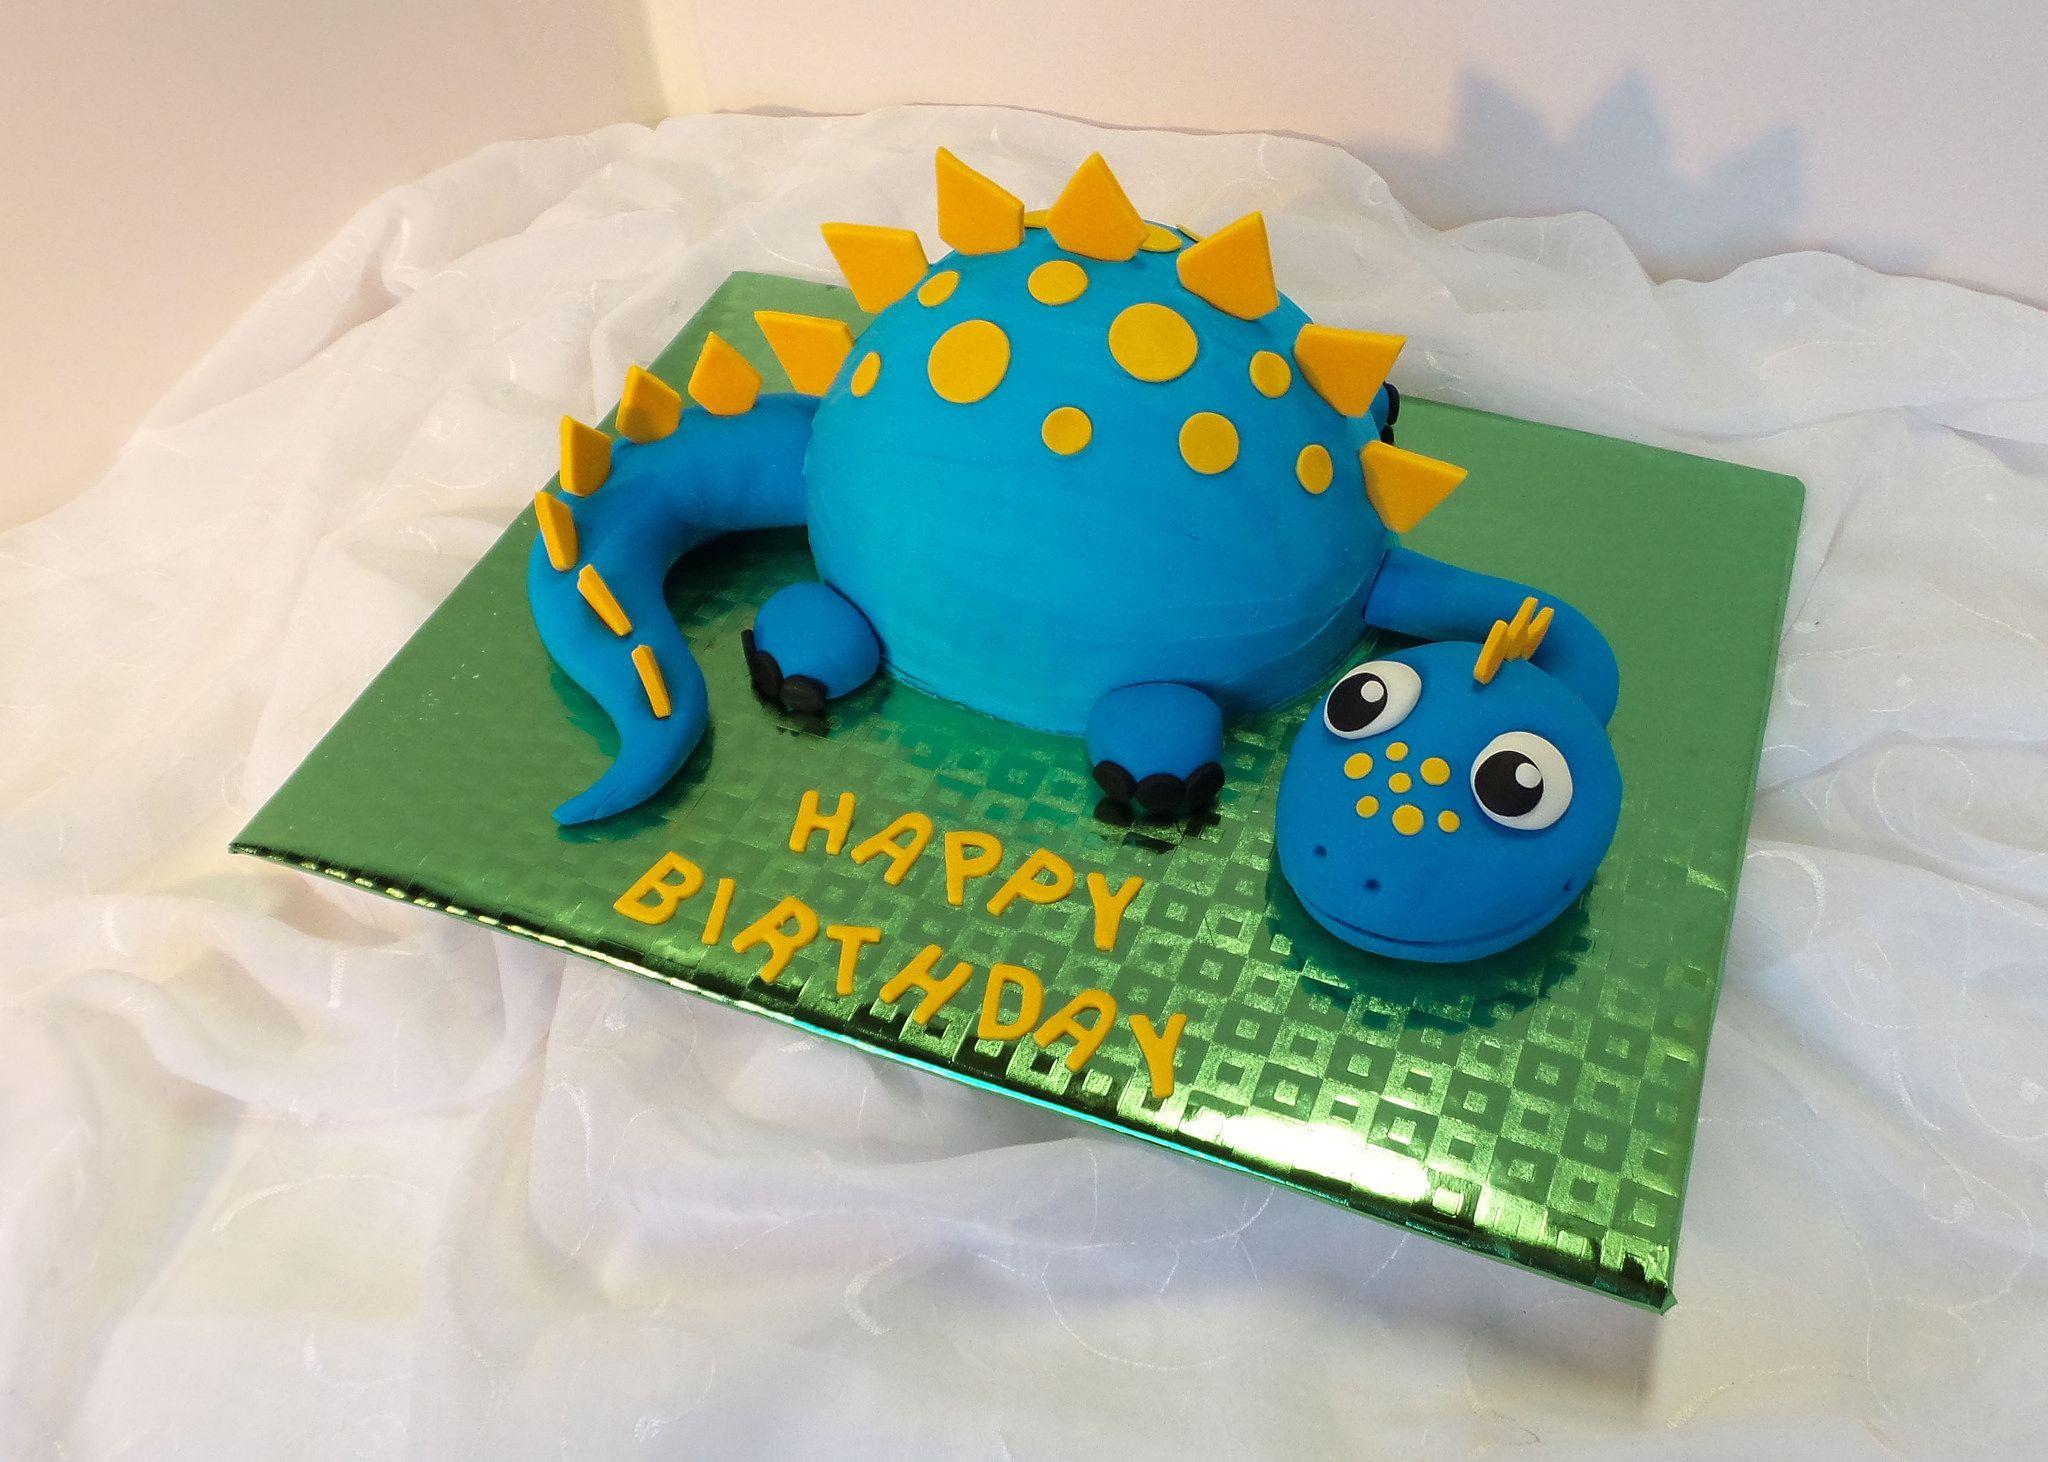 Blue dinosaur shaped birthday cake Birthday cakes Birthdays and Cake